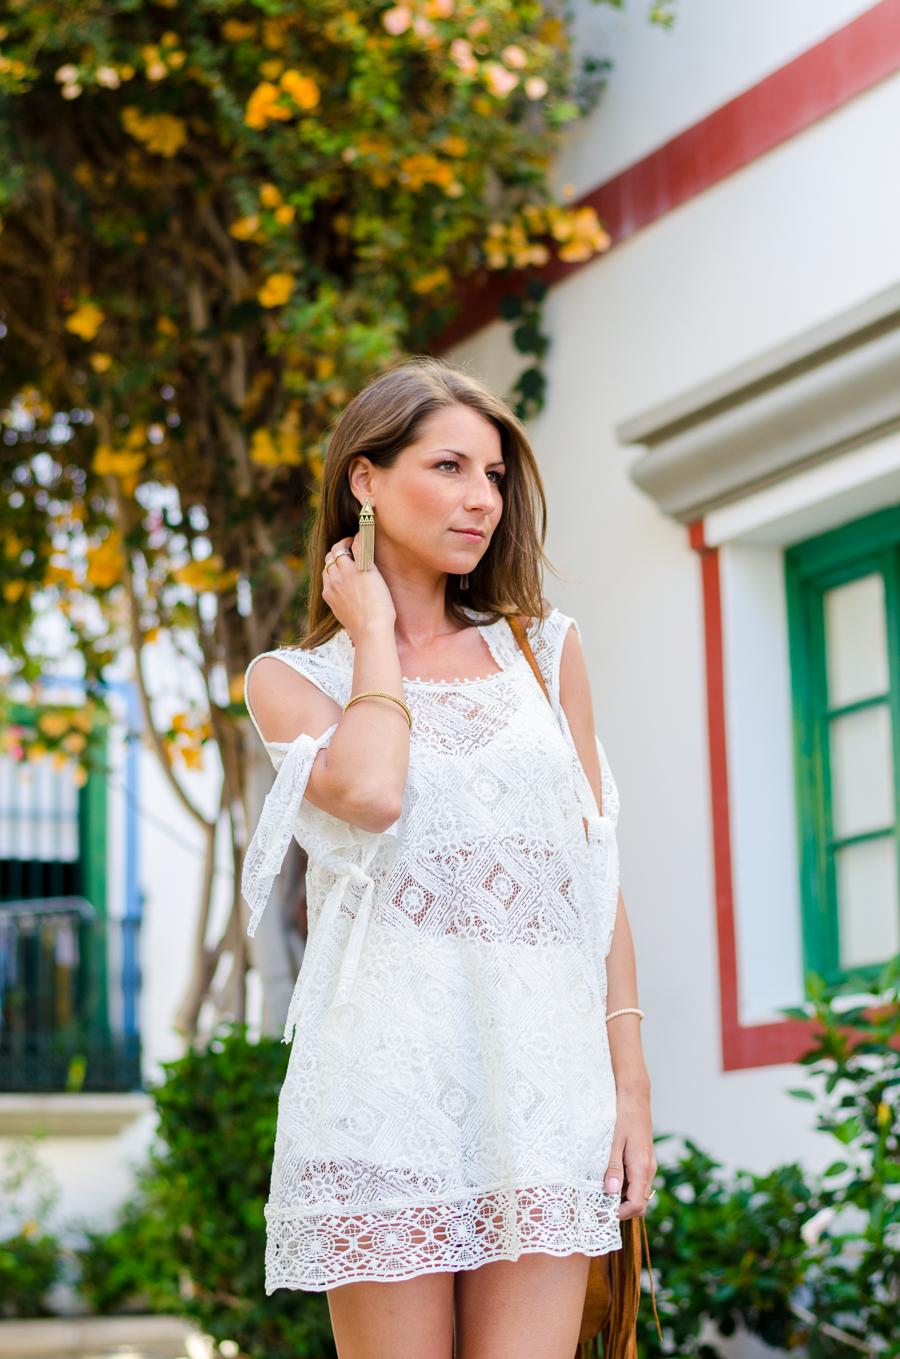 Outfit Boho Spitzenkleid von Free People Isabel Marant Sandalen und Fransentasche 6